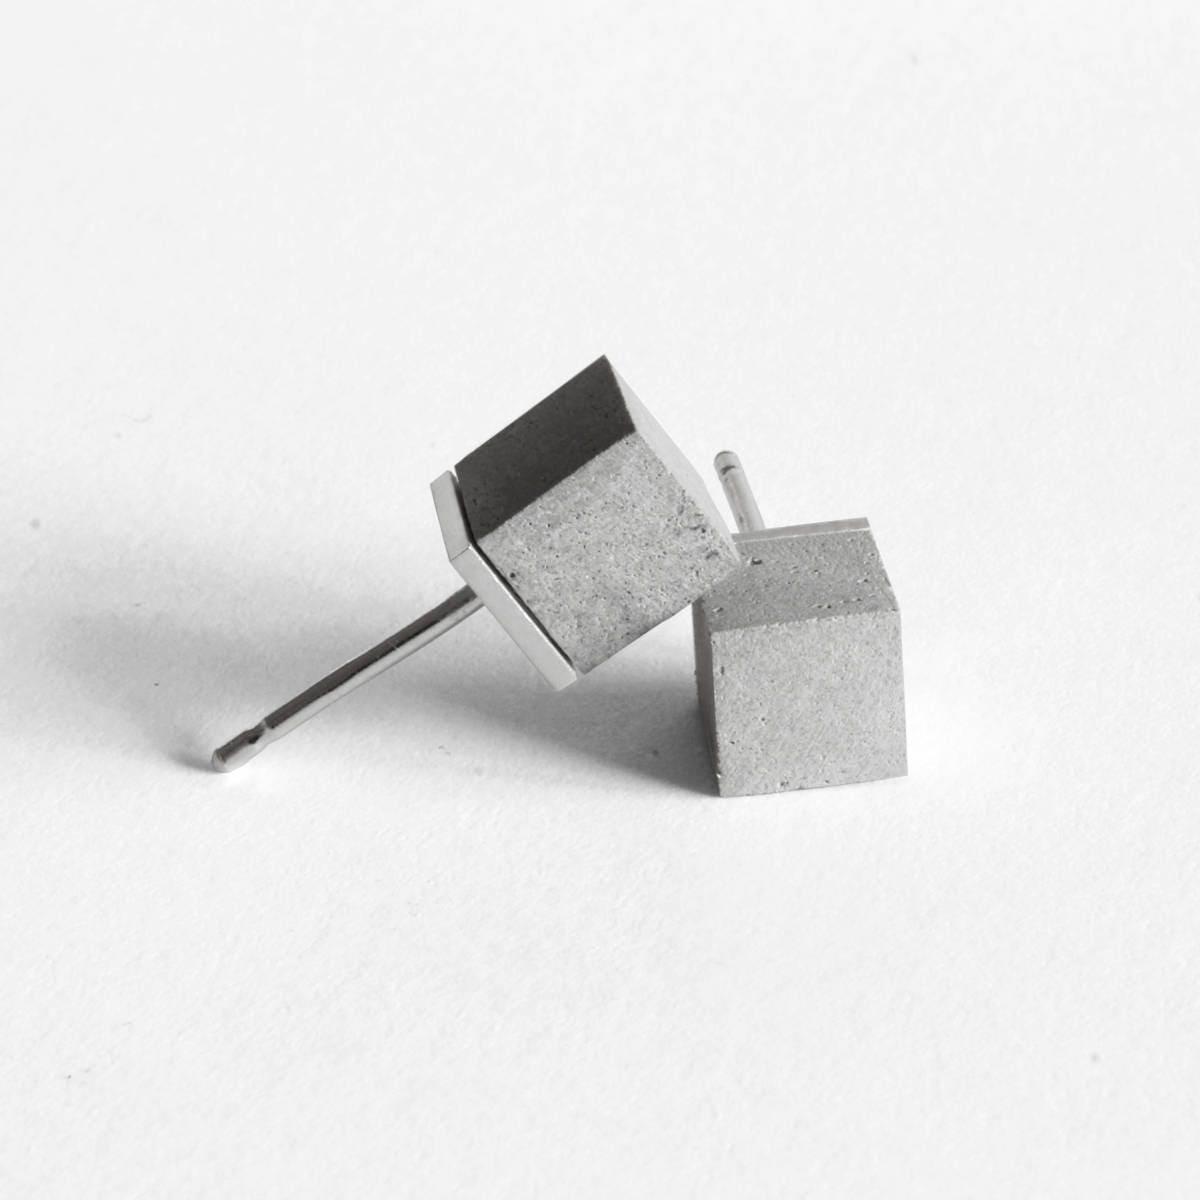 Regalo Per Architetto Femmina orecchini in cemento e argento 925 mod. cubo, orecchini moderni, orecchini  minimali, idee regalo per lei, regalo per architetti, ortogonale